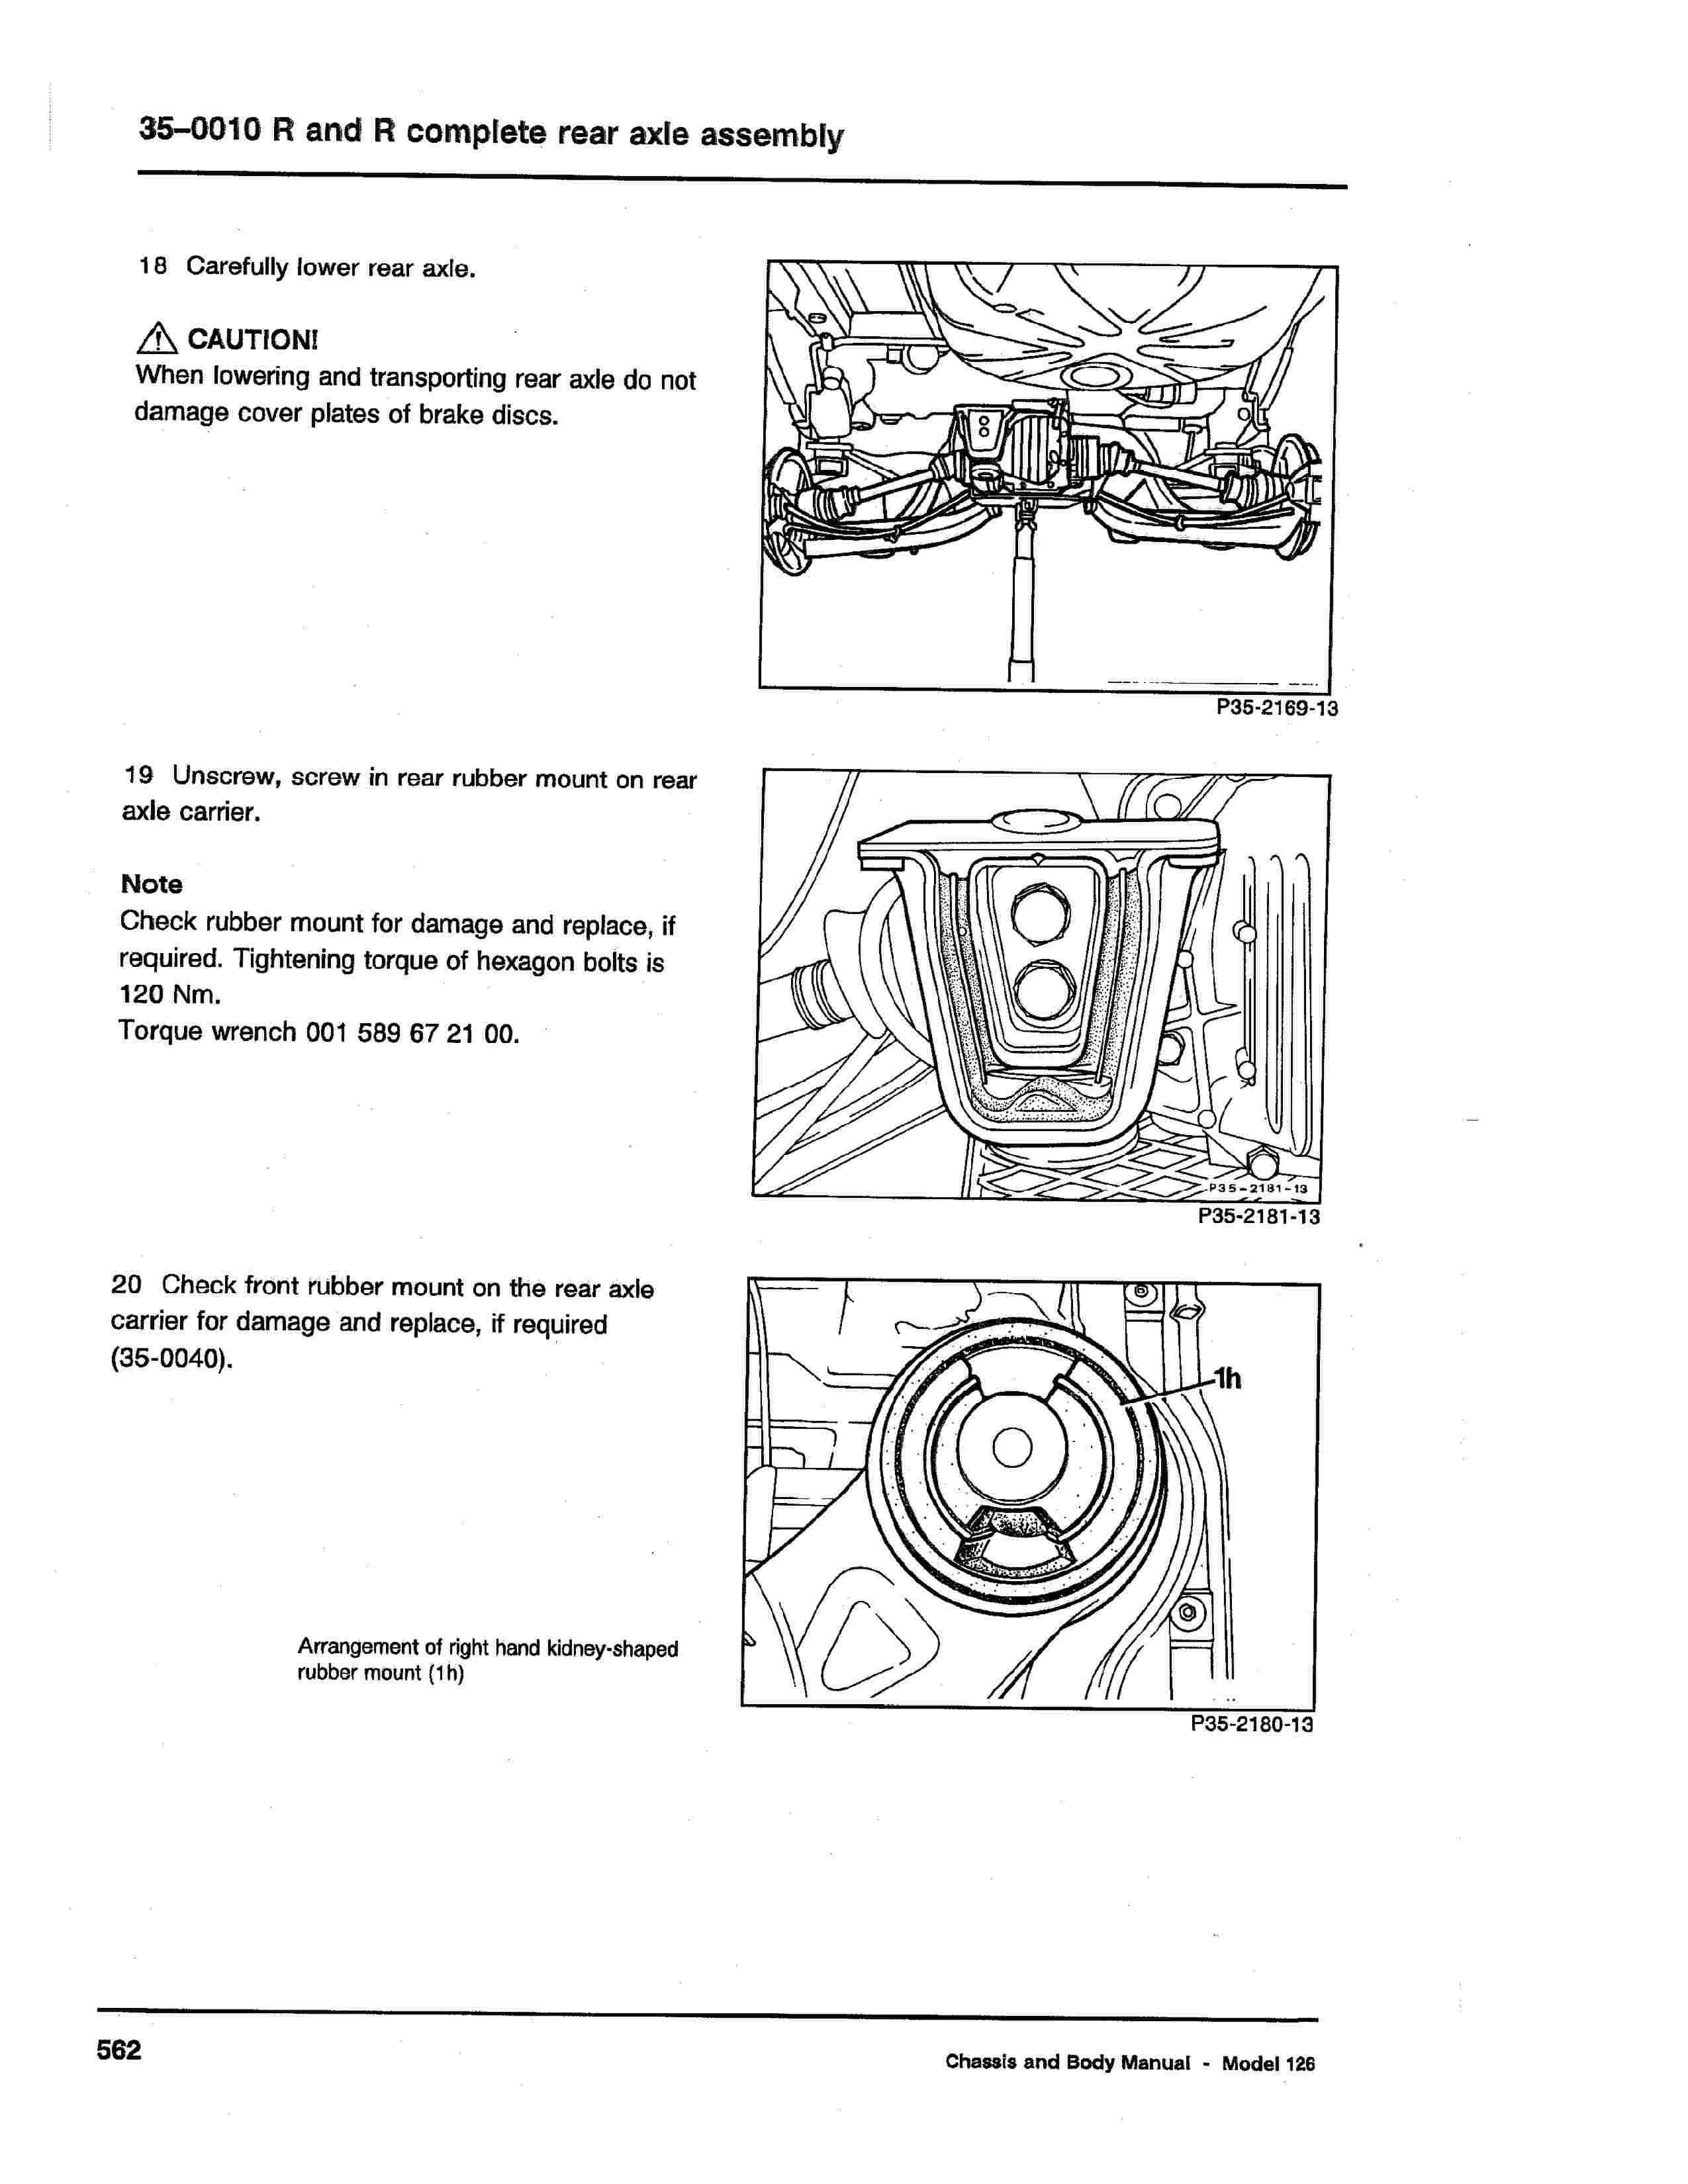 (W126): Diagrama completo da suspensão traseira  0011_124